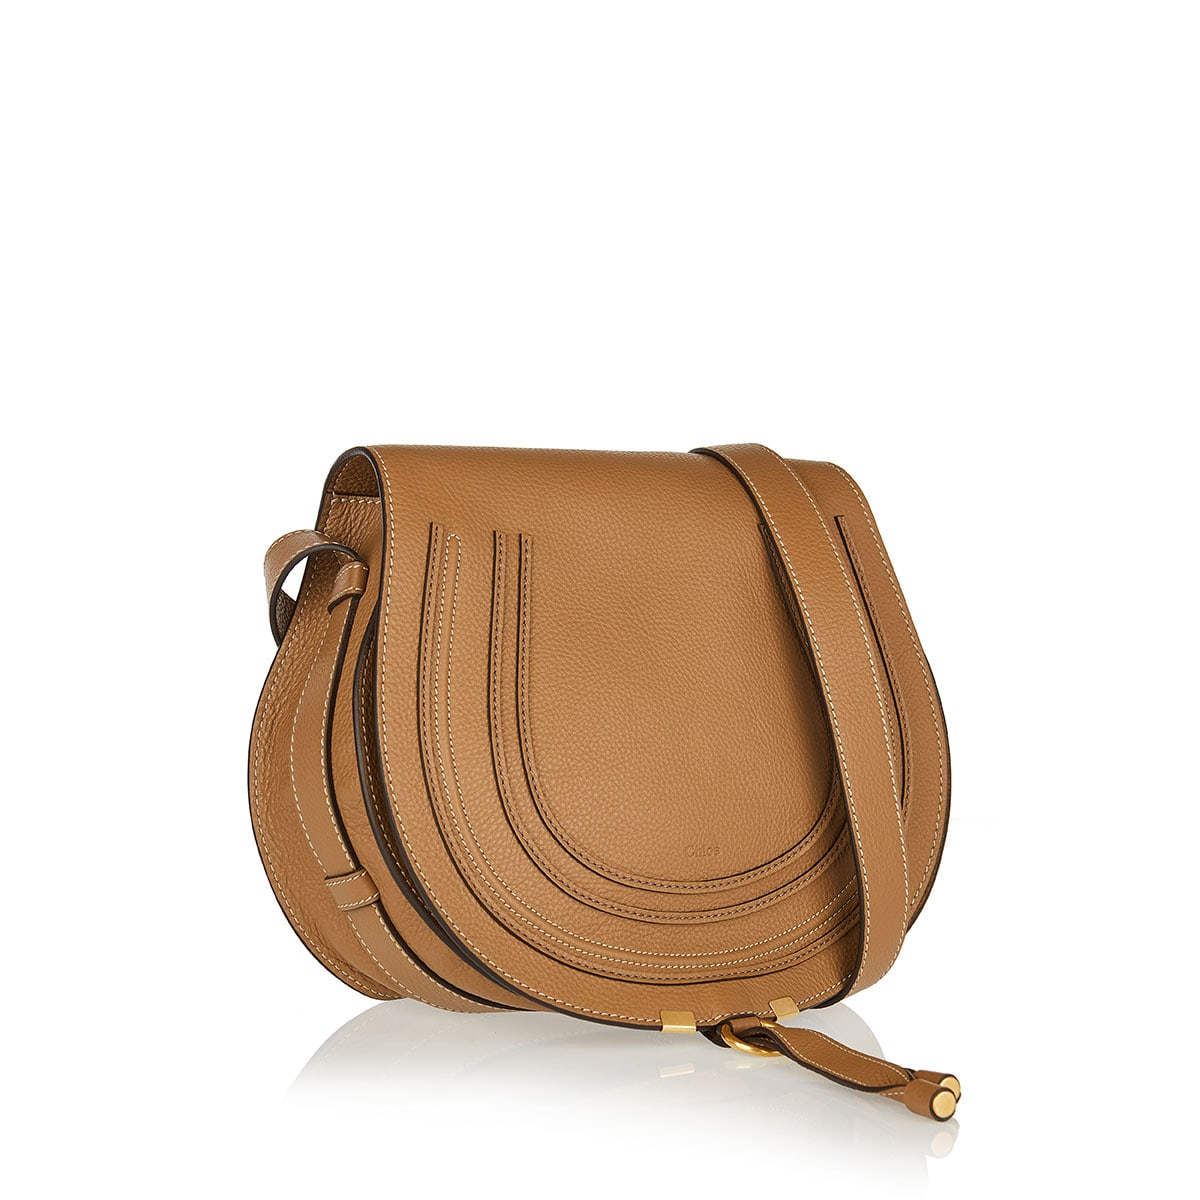 Marcie medium leather crossbody bag